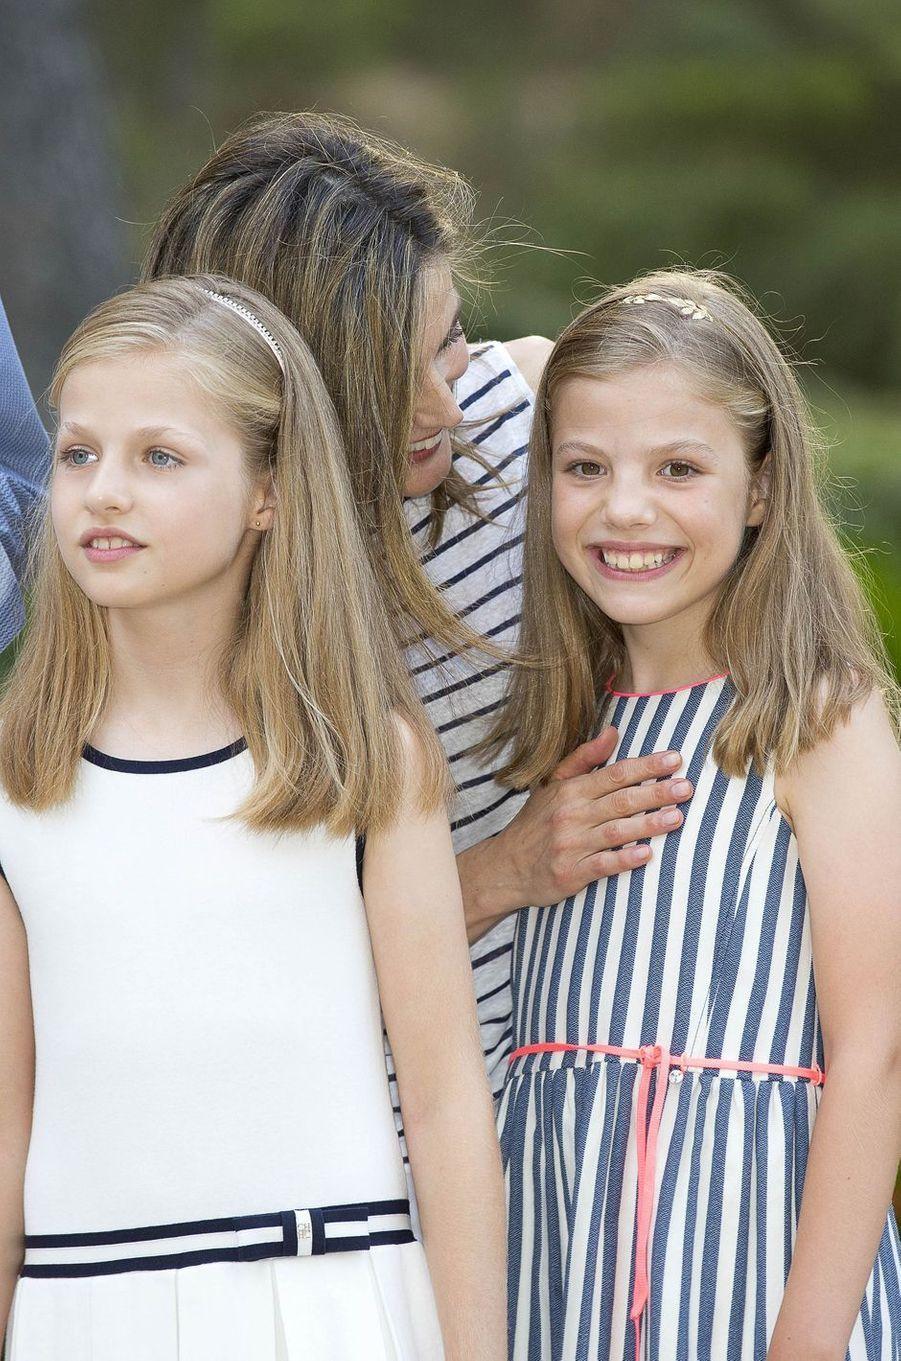 Les princesses Leonor et Sofia avec la reine Letizia d'Espagne à Palma de Majorque, le 4 août 2016